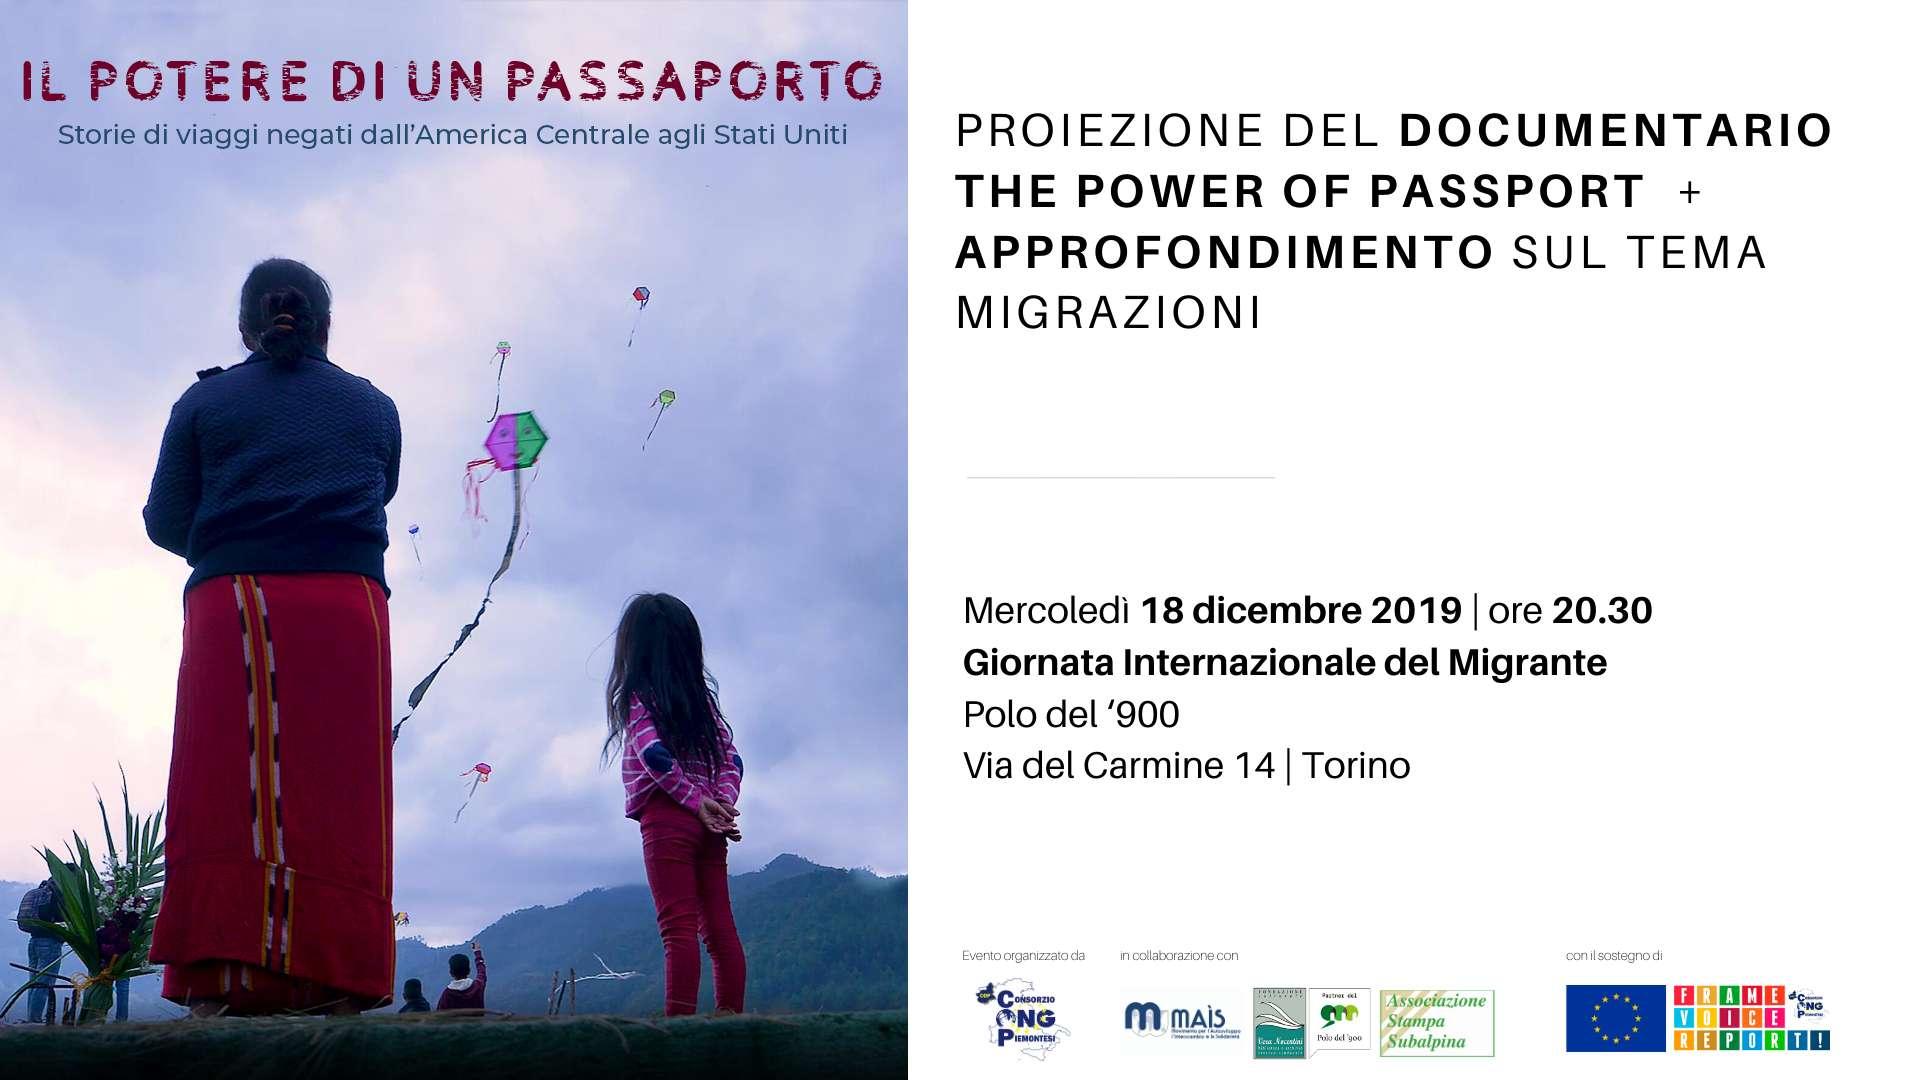 evento-migrazioni-disuguaglianze